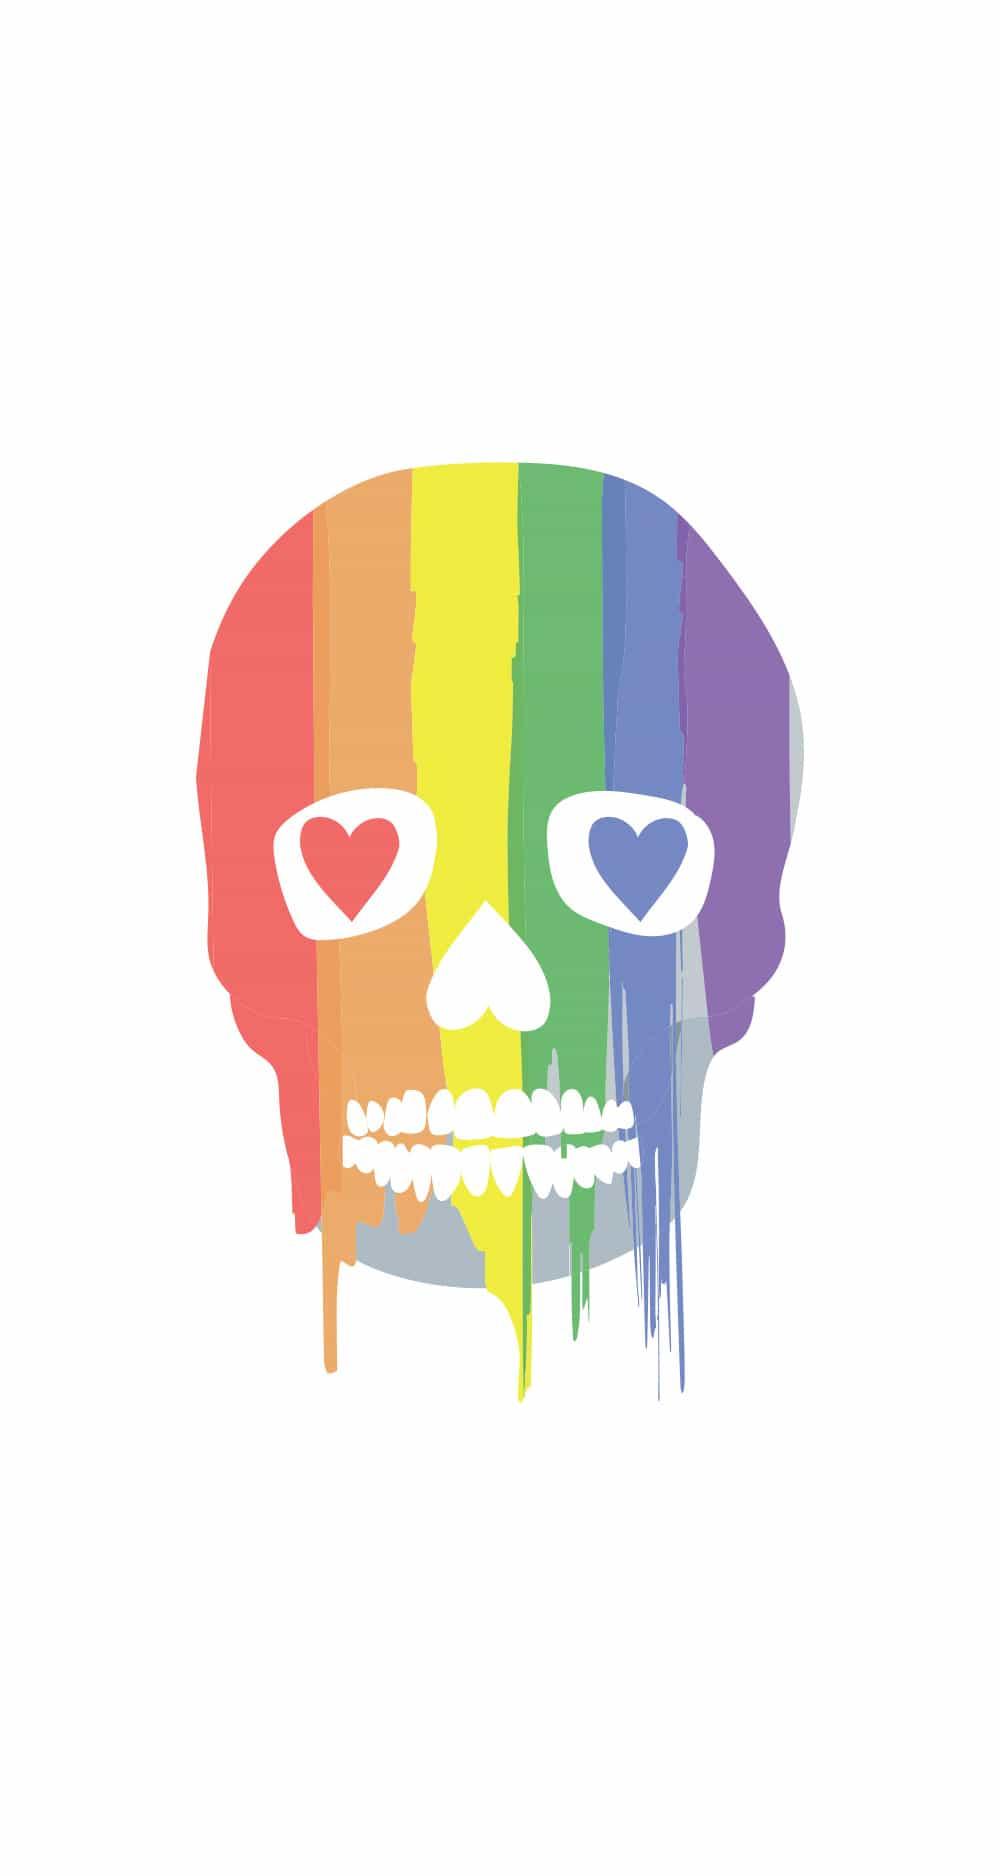 wallpaper movil bandera gay